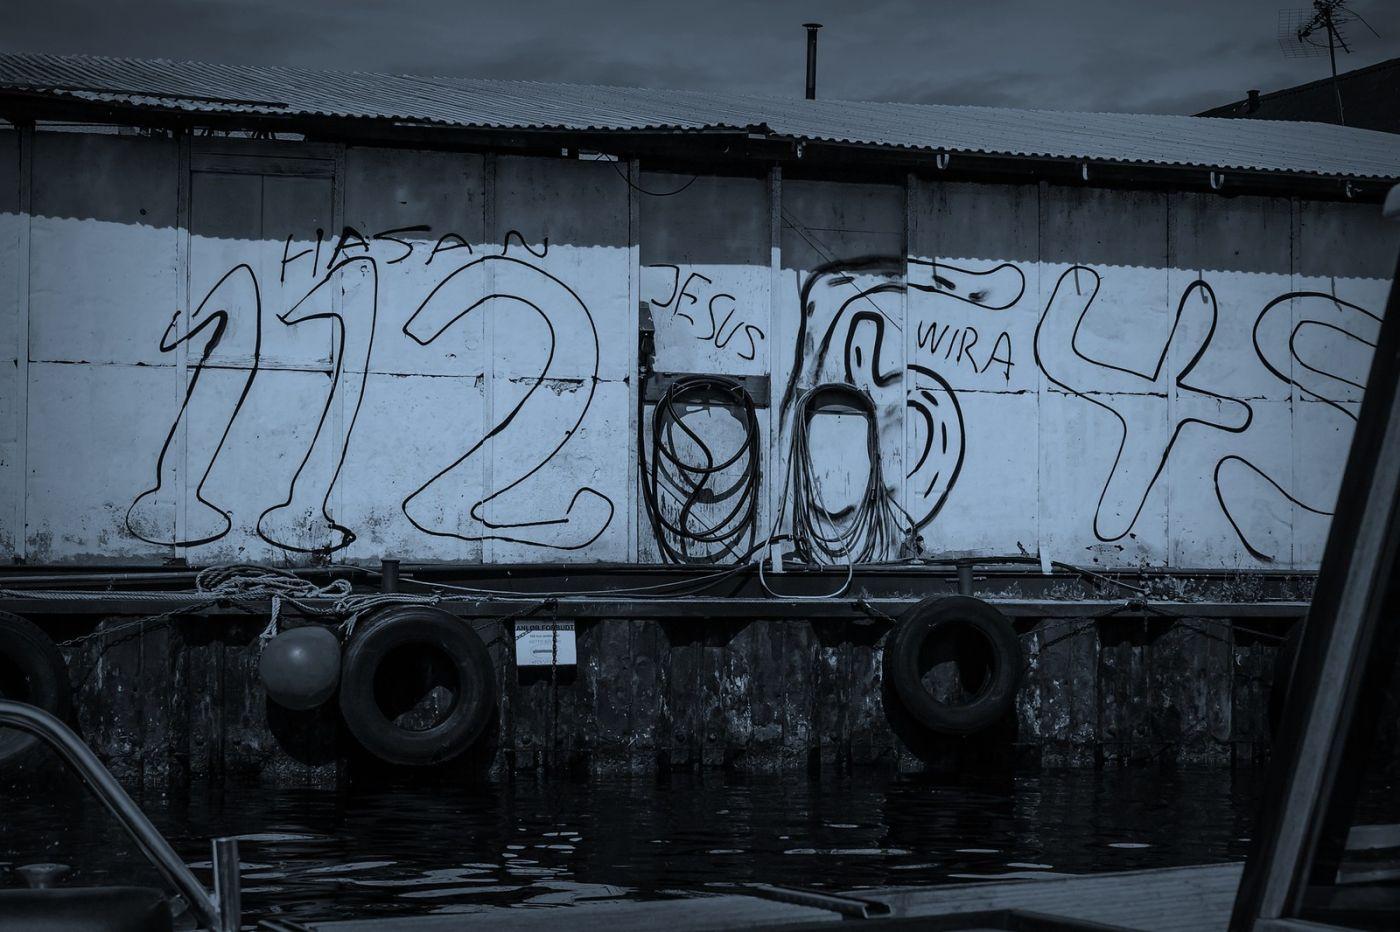 丹麦哥本哈根,坐船看市景_图1-8